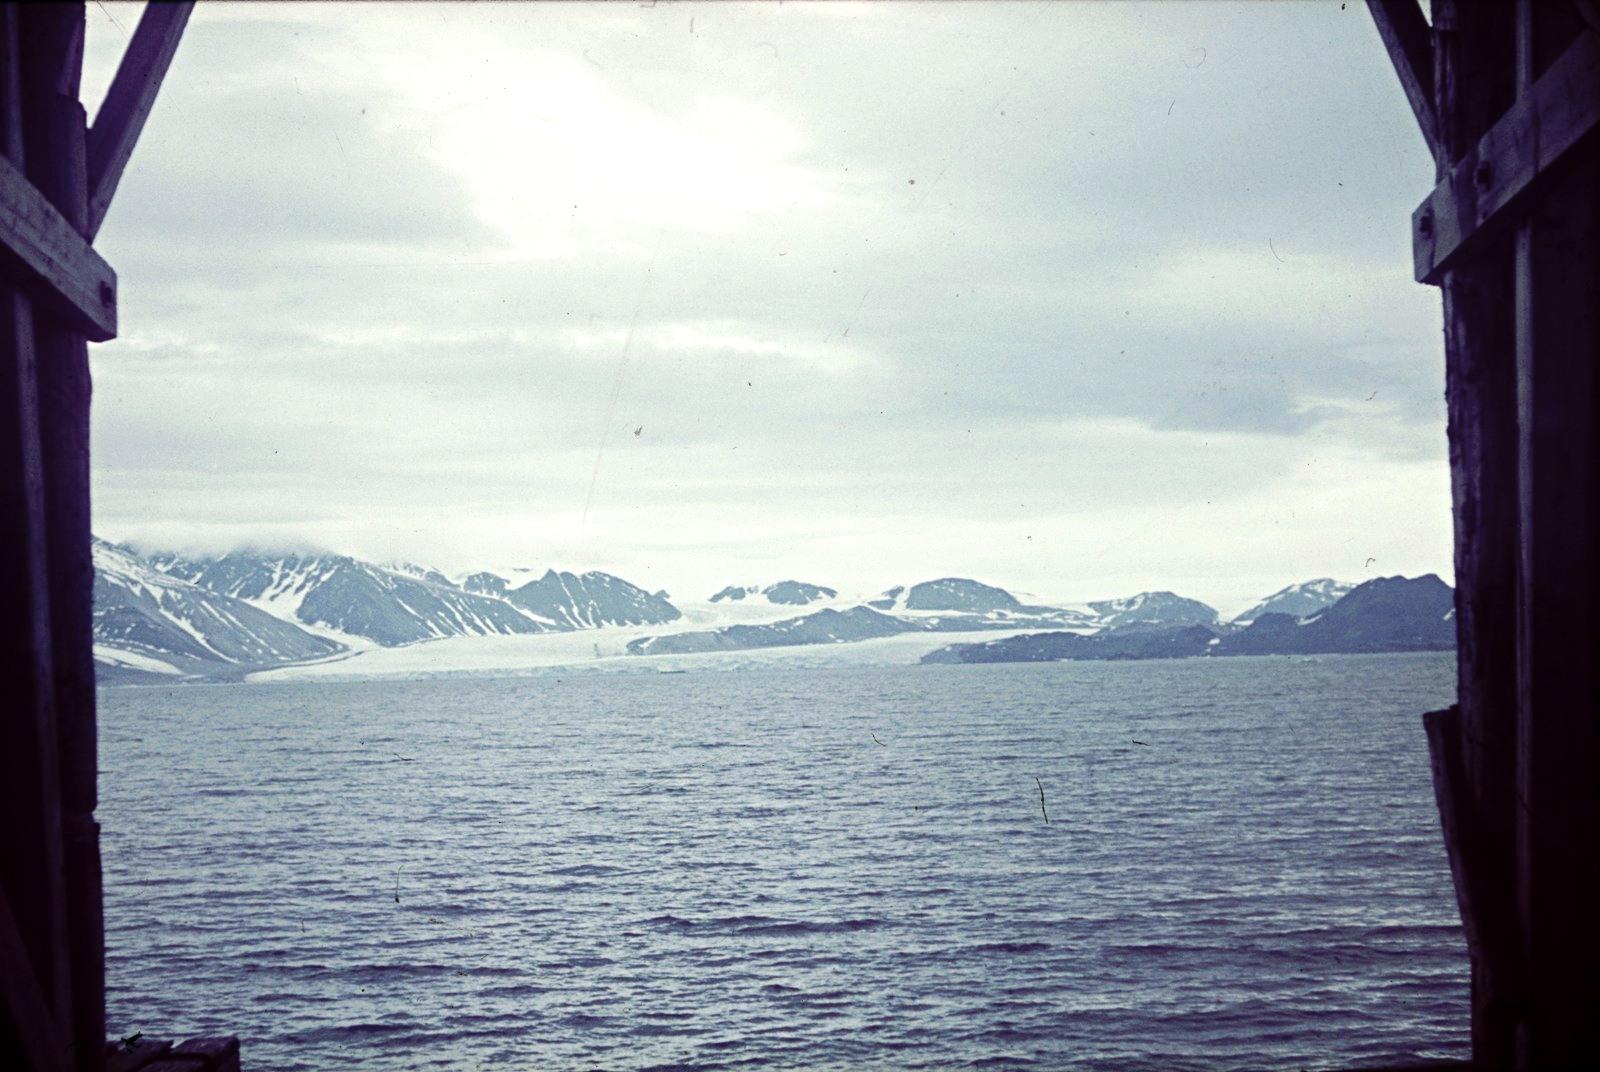 Шпицберген. Вид на побережье